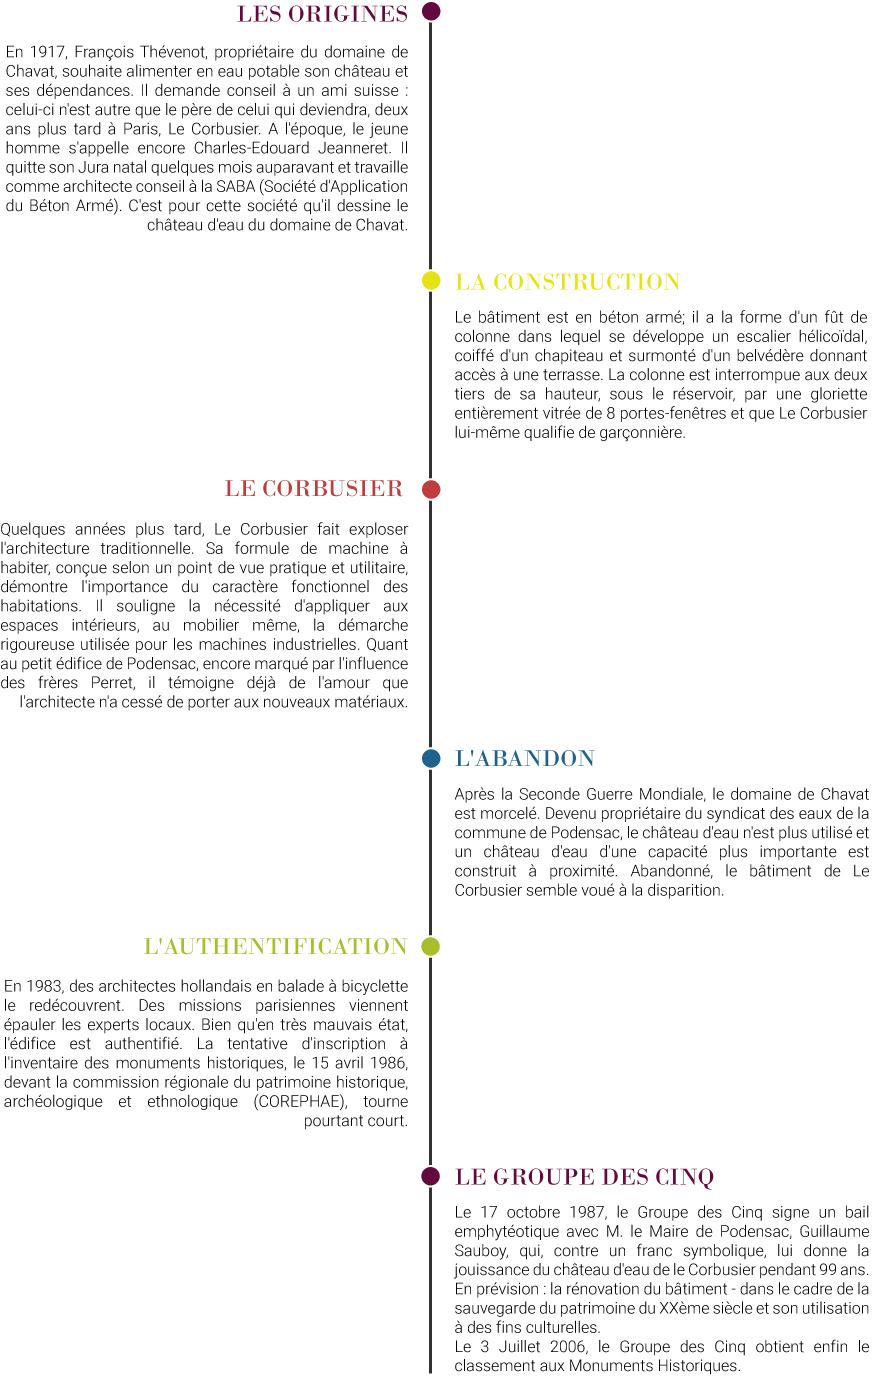 Infographie Histoire Château d'eau Le Corbusier